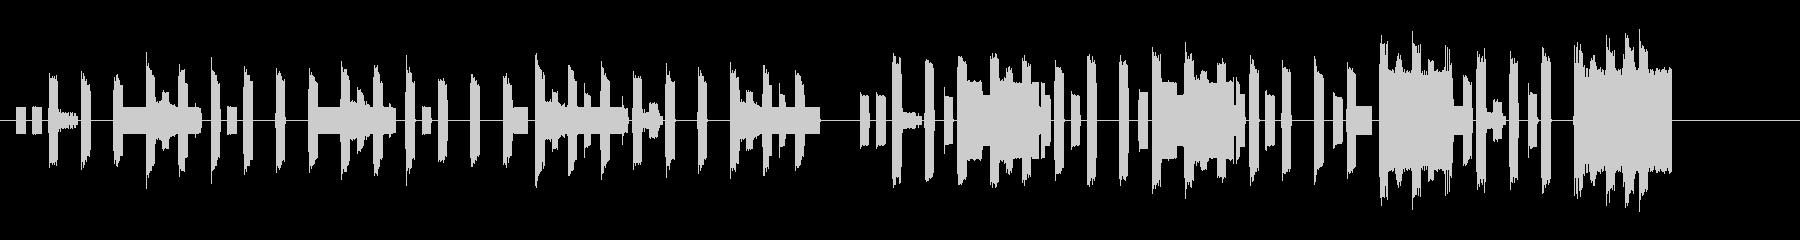 ハッピーバースデー ファミコン 遅めの未再生の波形